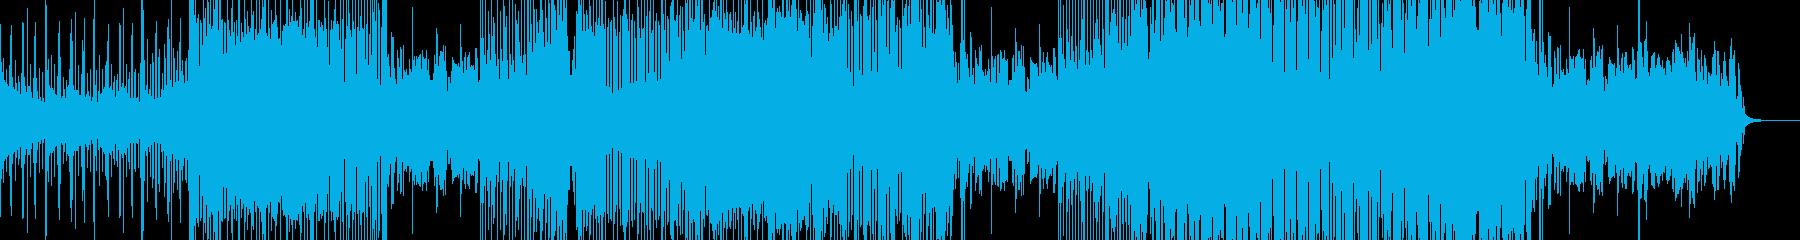 爽やかなリキッドファンクの再生済みの波形